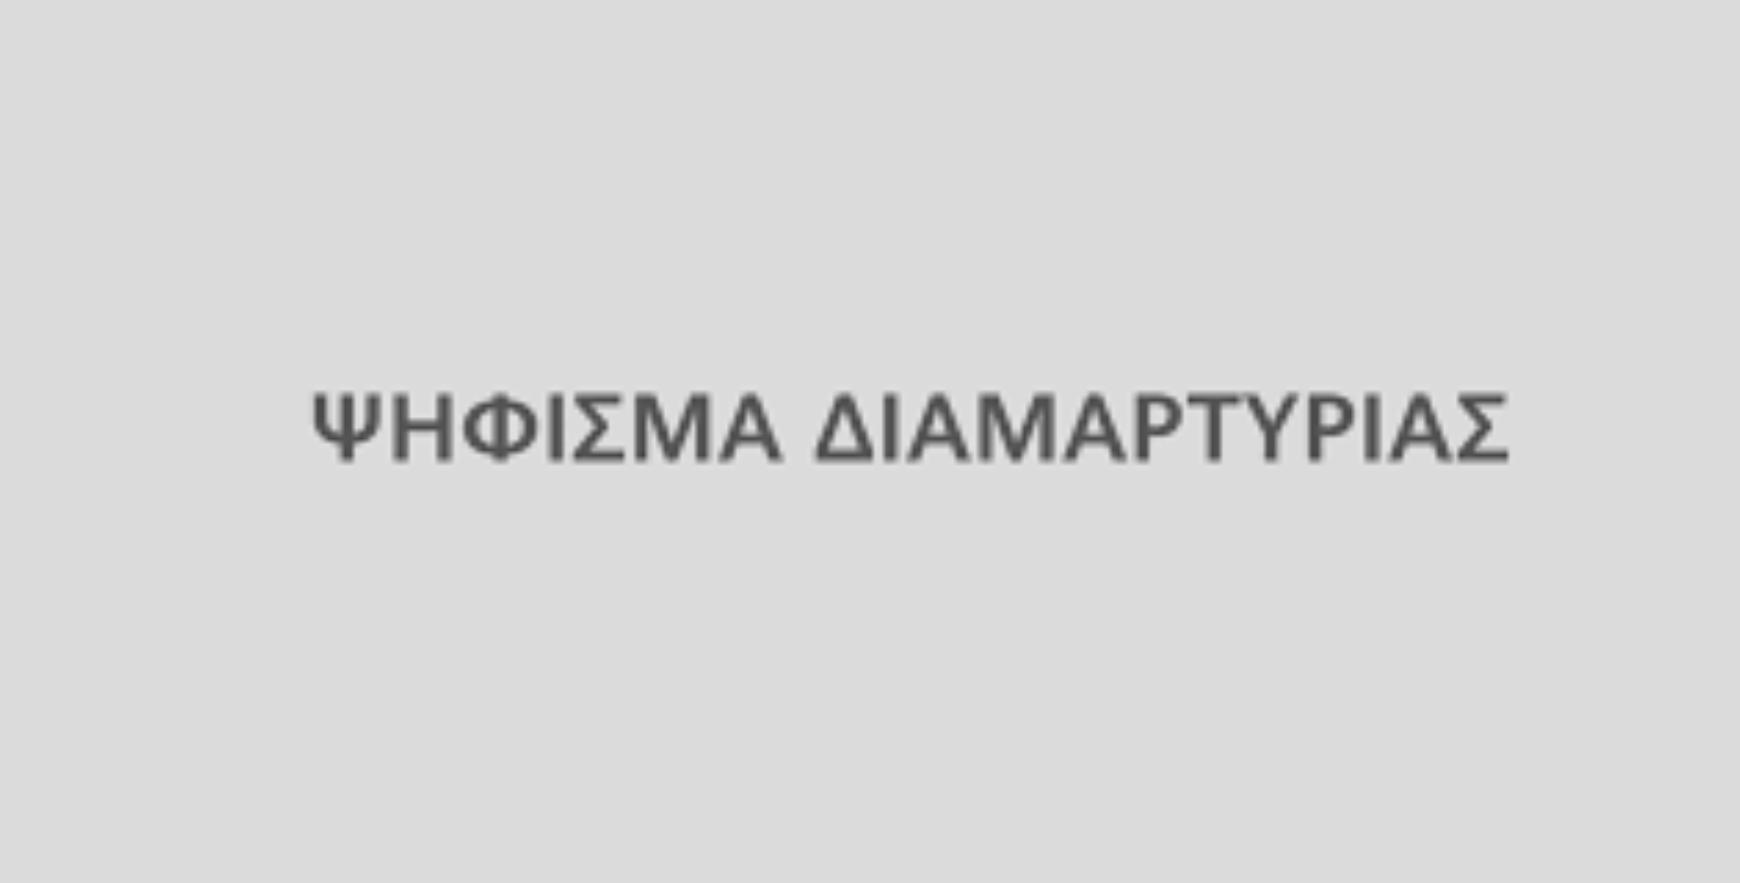 Ψήφισμα Διαμαρτυρίας για την ακύρωση του προγράμματος: «Ενίσχυση μικρών και πολύ μικρών επιχειρήσεων που επλήγησαν από την πανδημία Covid-19 στη Δυτική Μακεδονία»